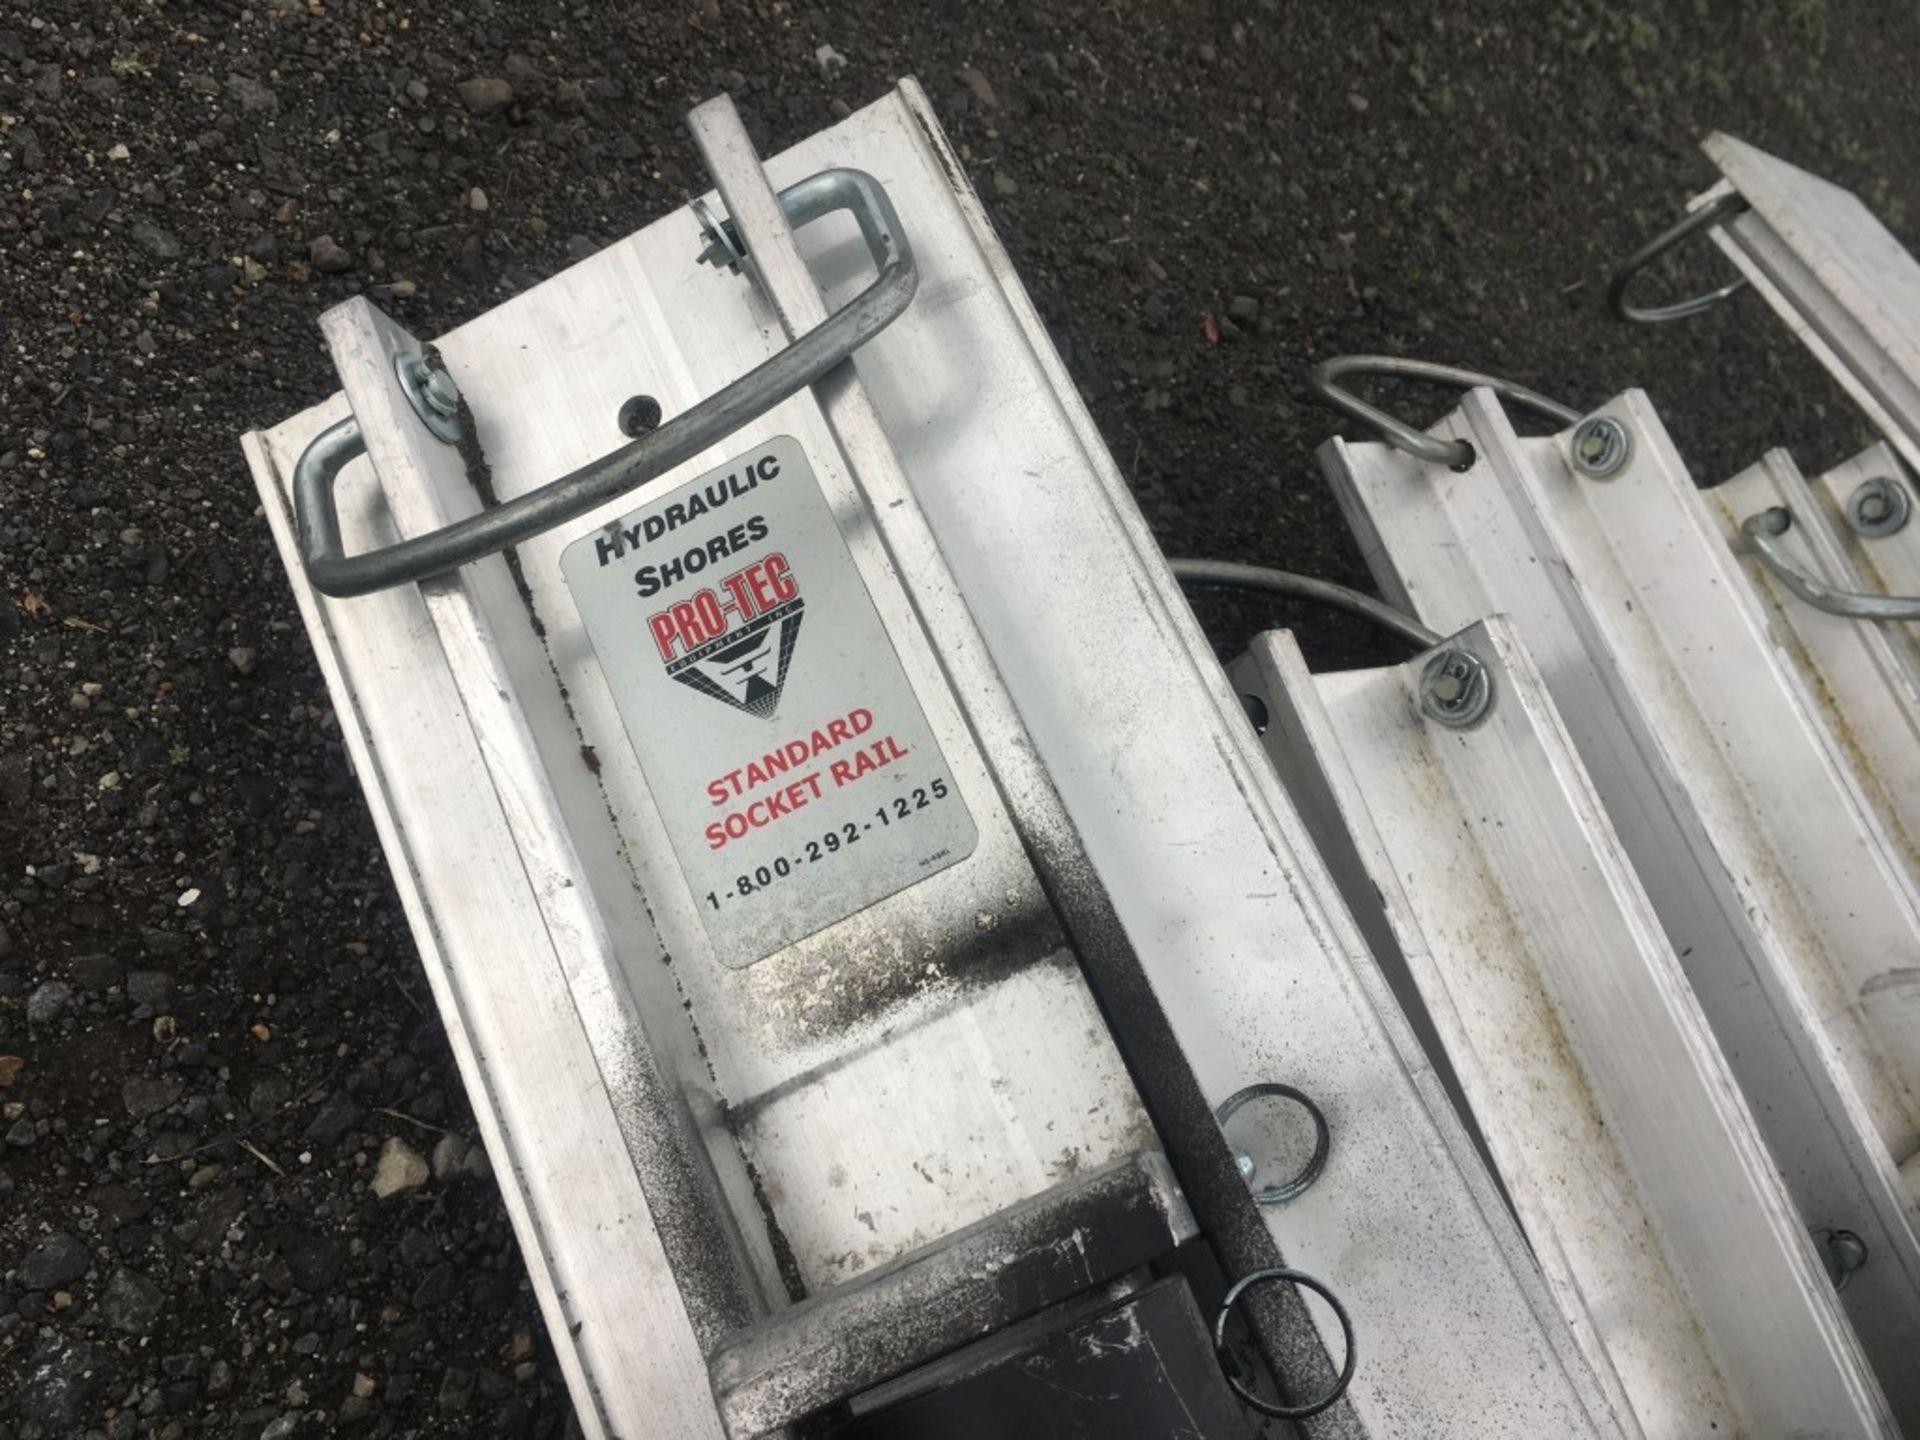 Lot 166 - Pro-Tec Aluminum Hydraulic Shores